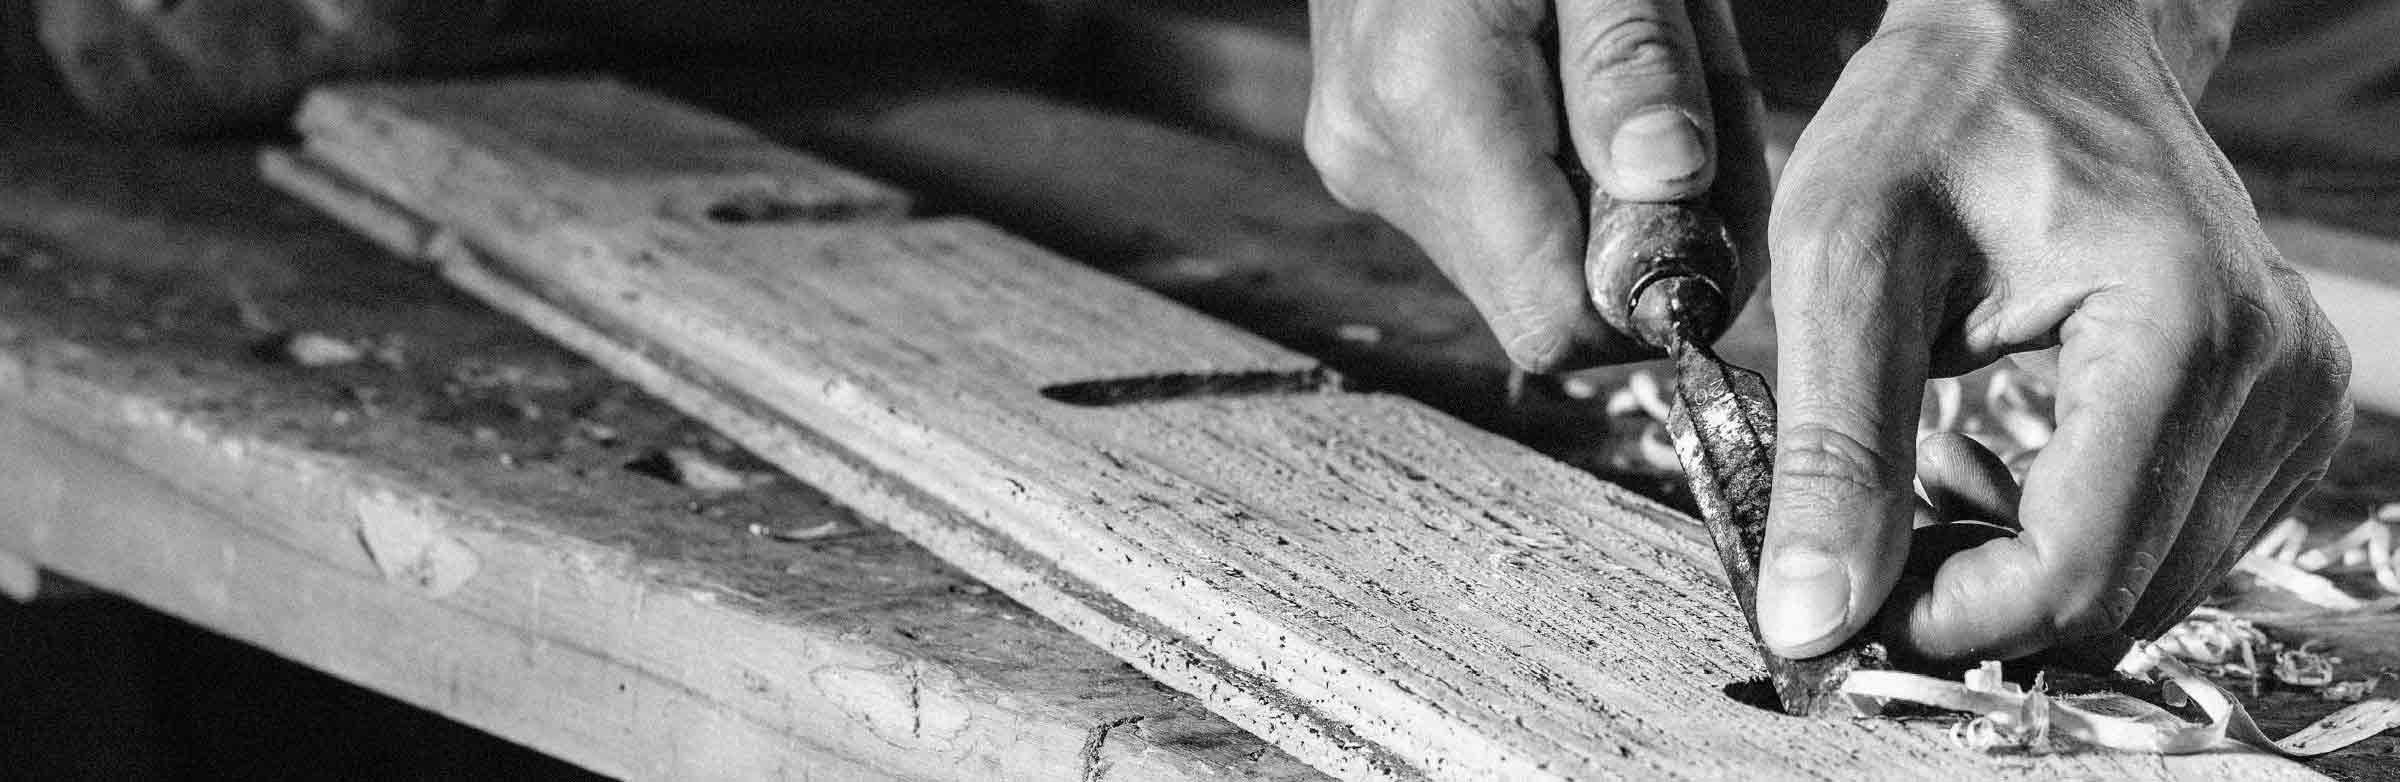 Slide_Wood-Tailors-1